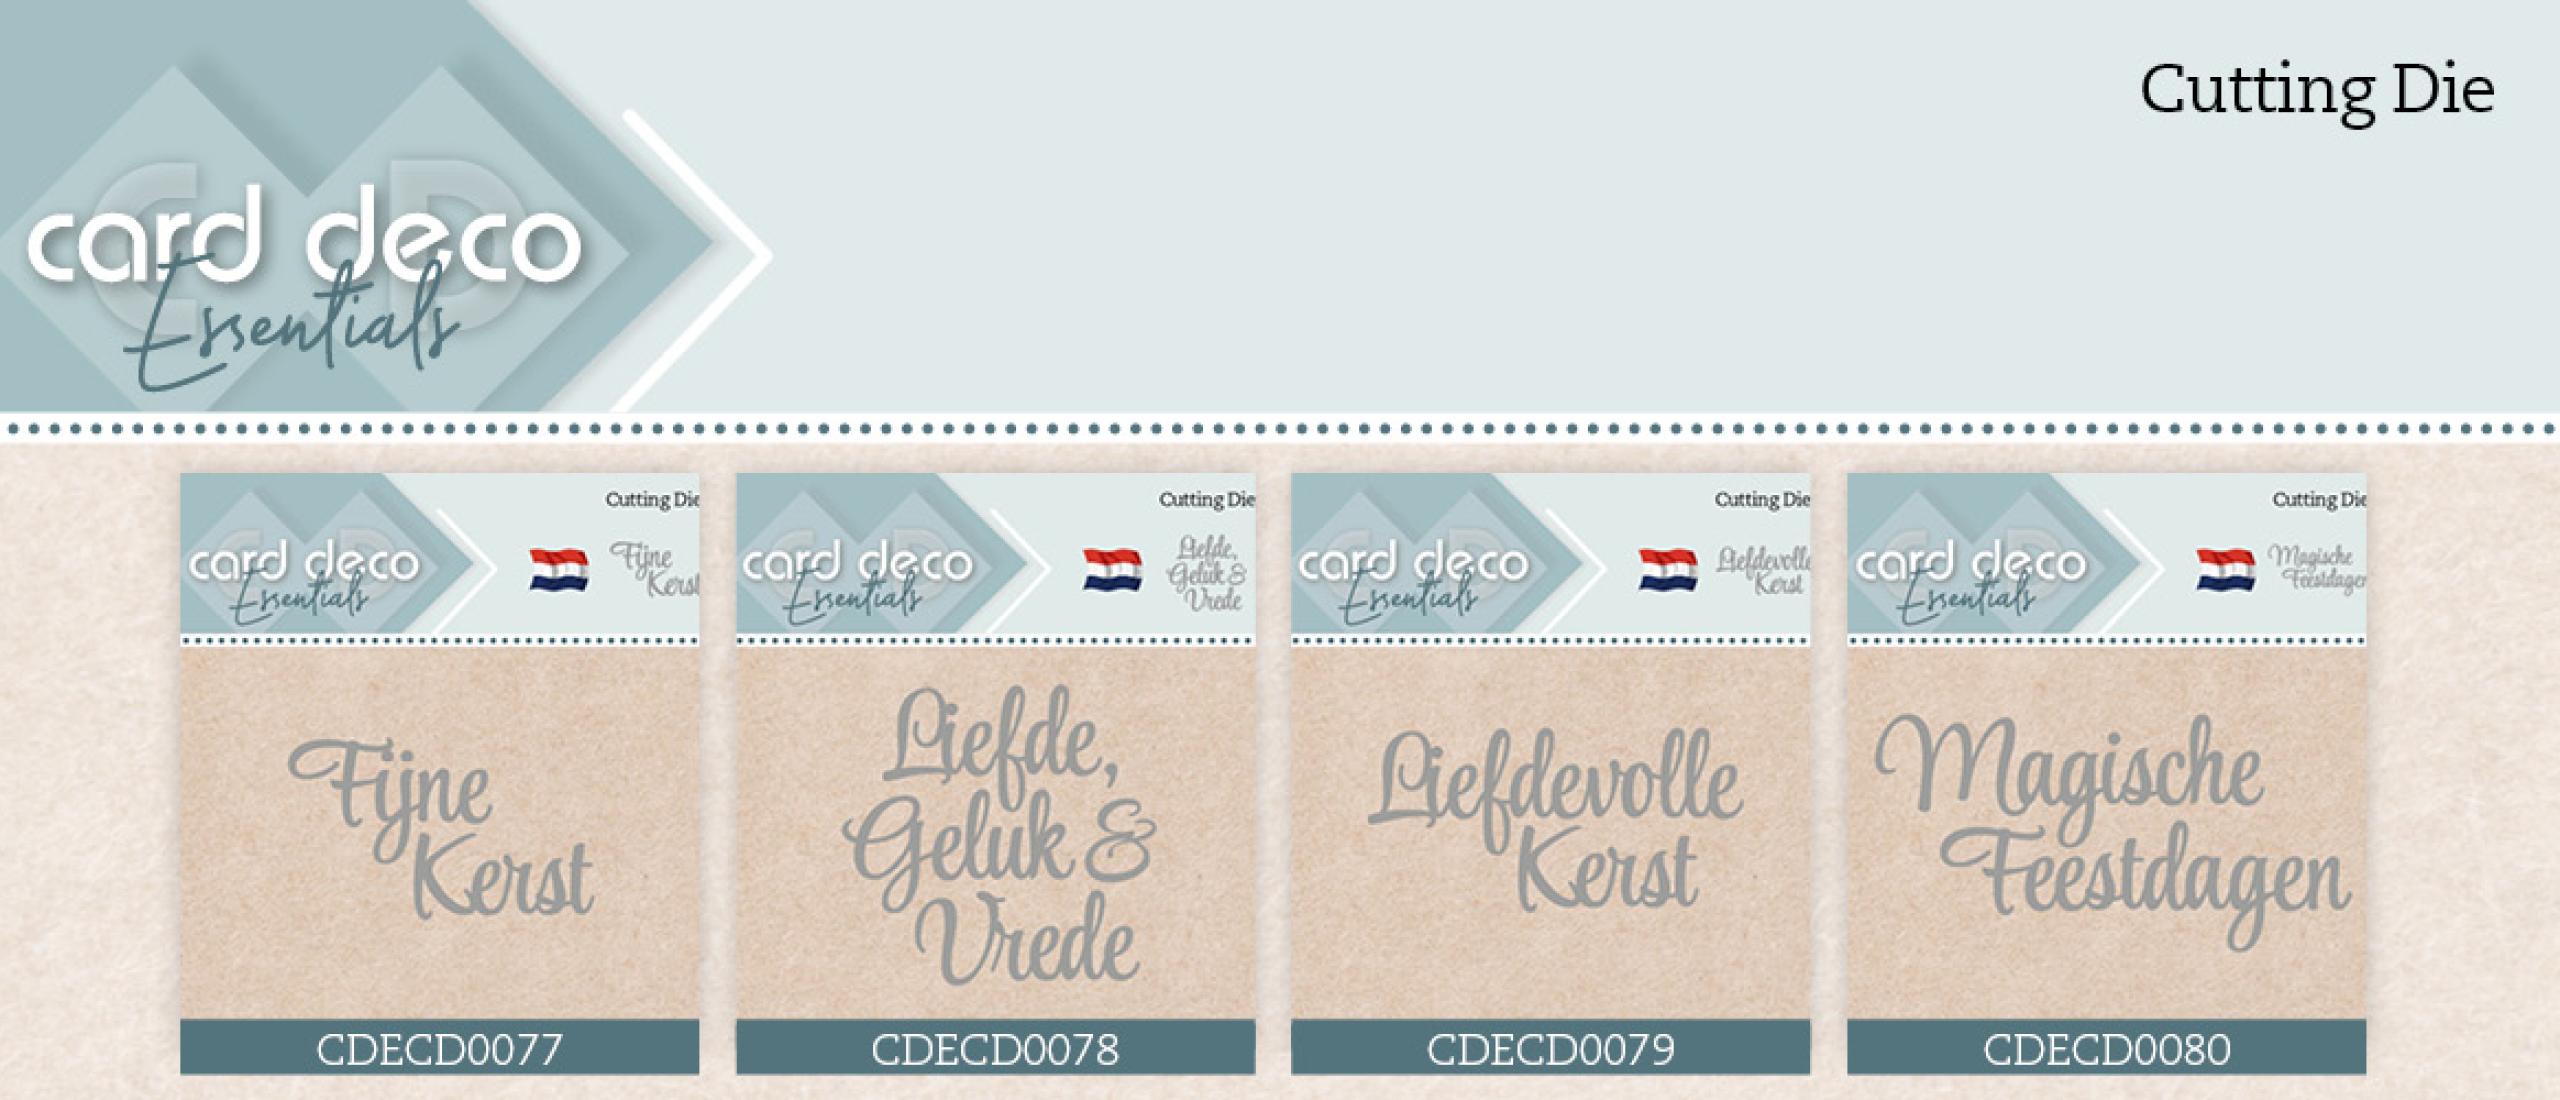 Card Deco Essentials - Dies CDECD0077  t/m CDECD0080